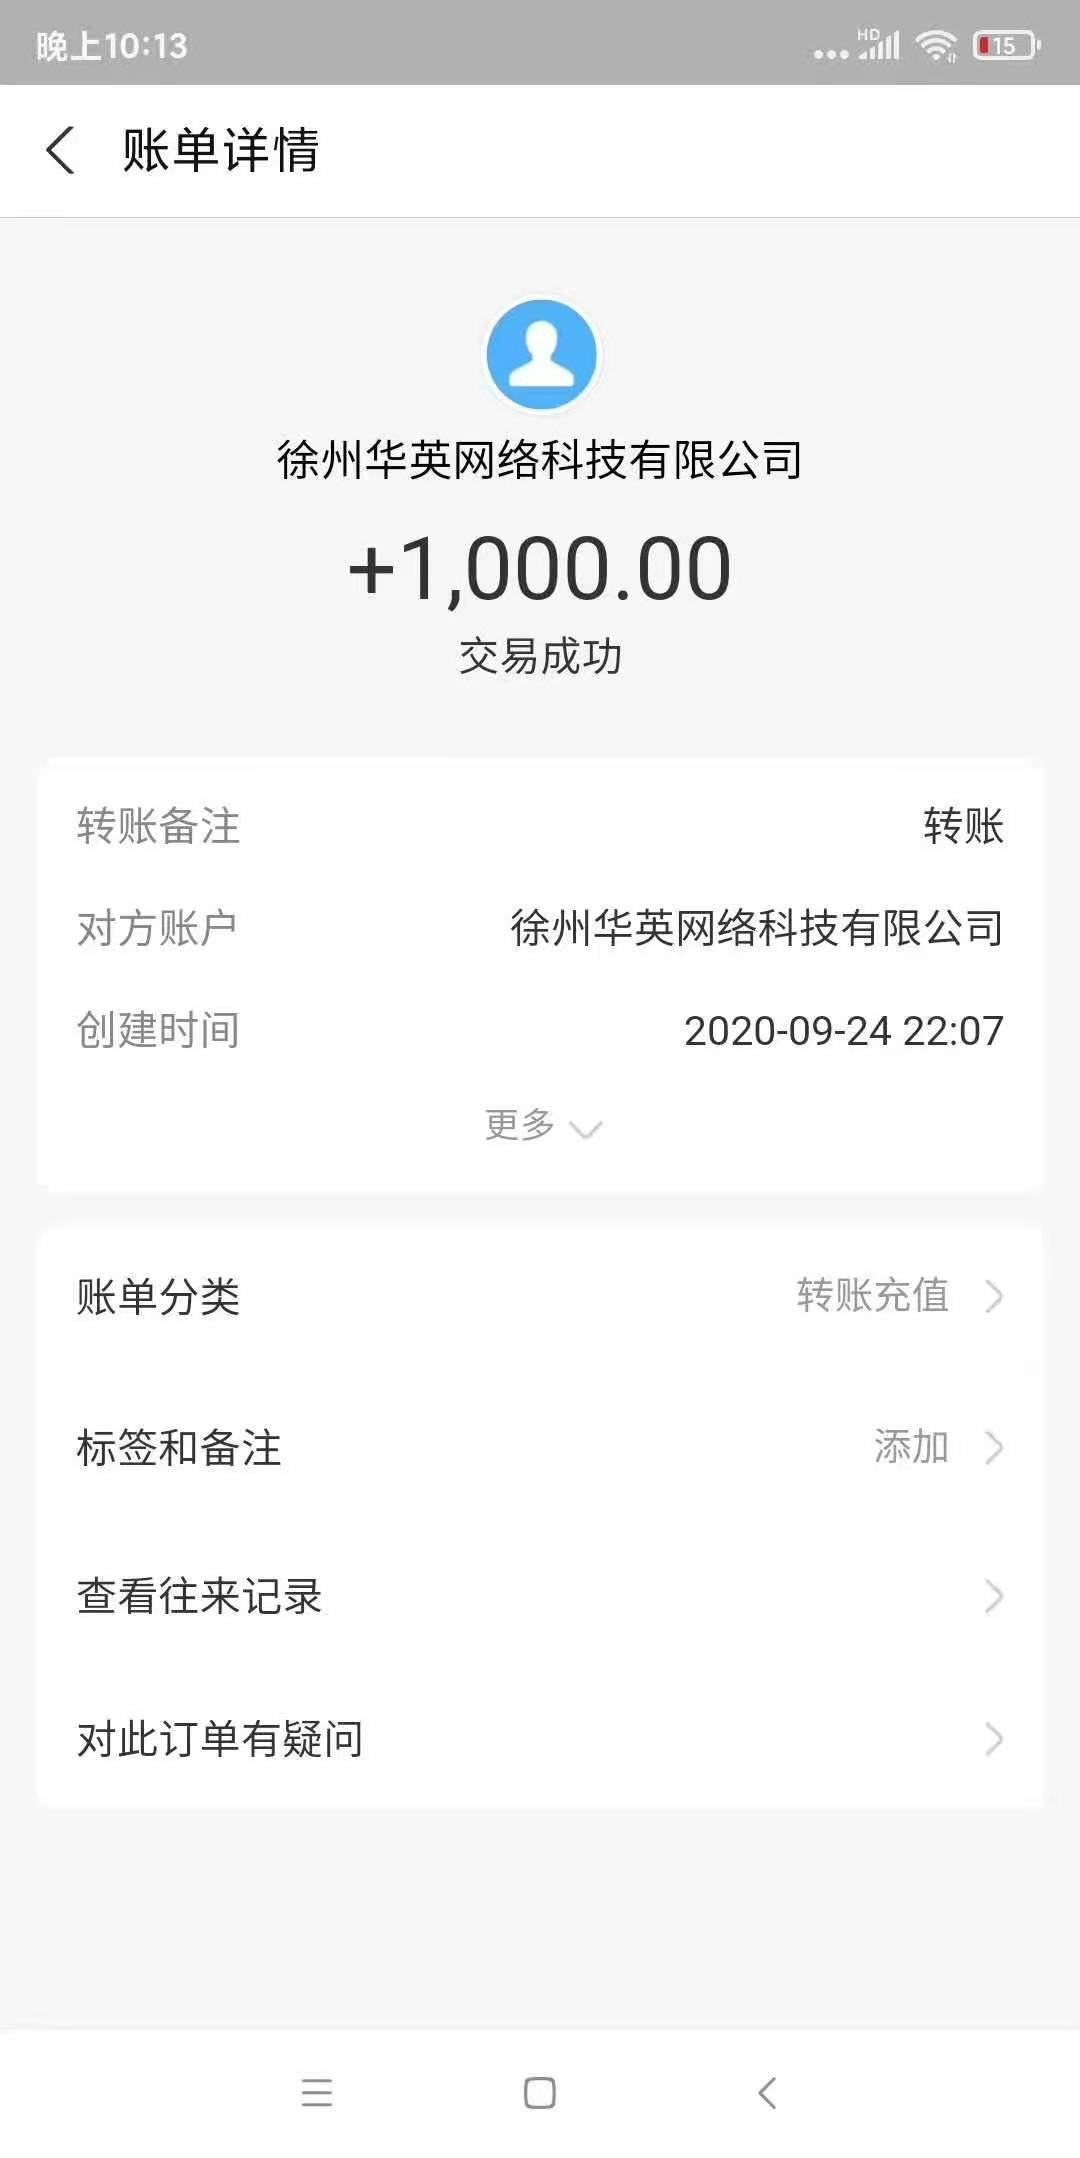 网上赚钱项目日结:在趣闲赚做任务一天200元 网赚项目 第2张